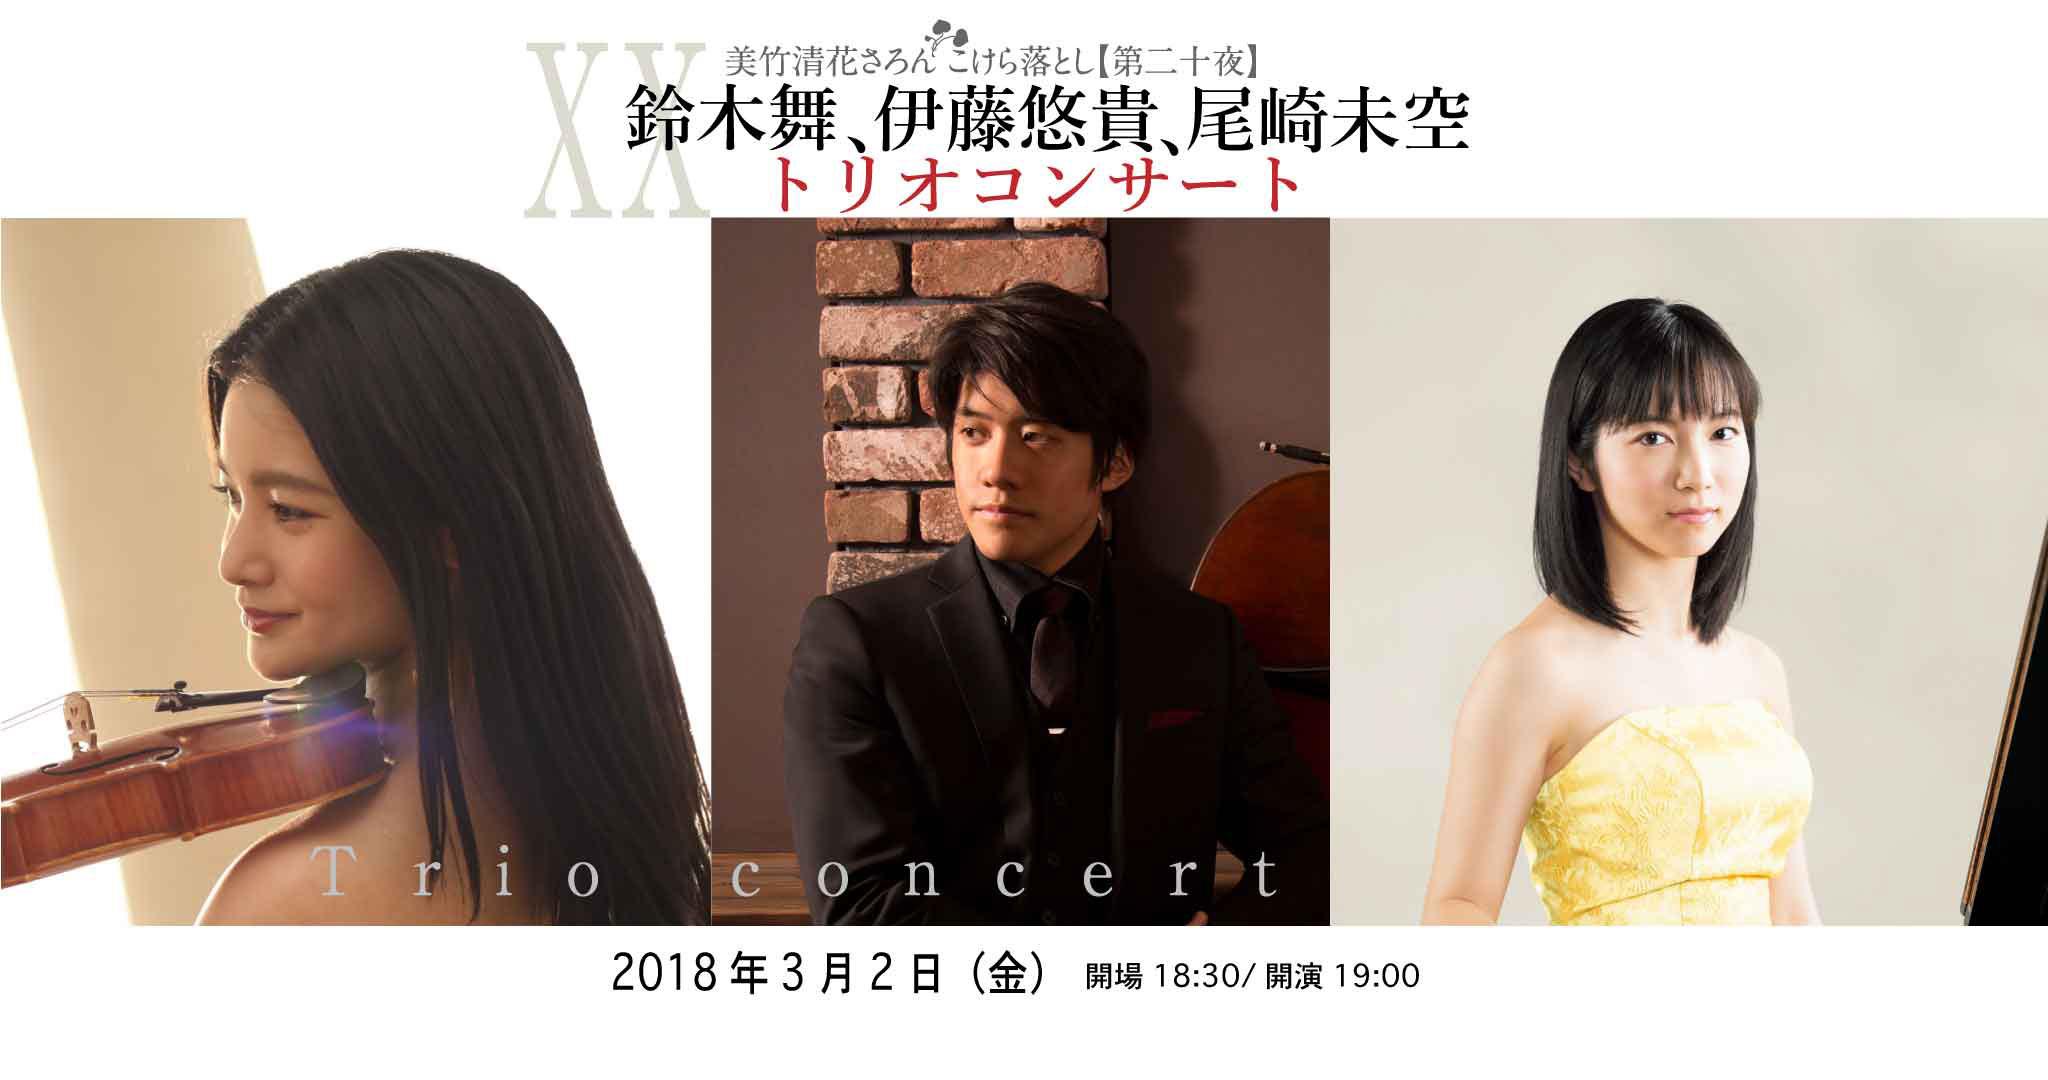 3月2日 19:00〜 鈴木舞&伊藤悠貴&尾崎未空トリオコンサート